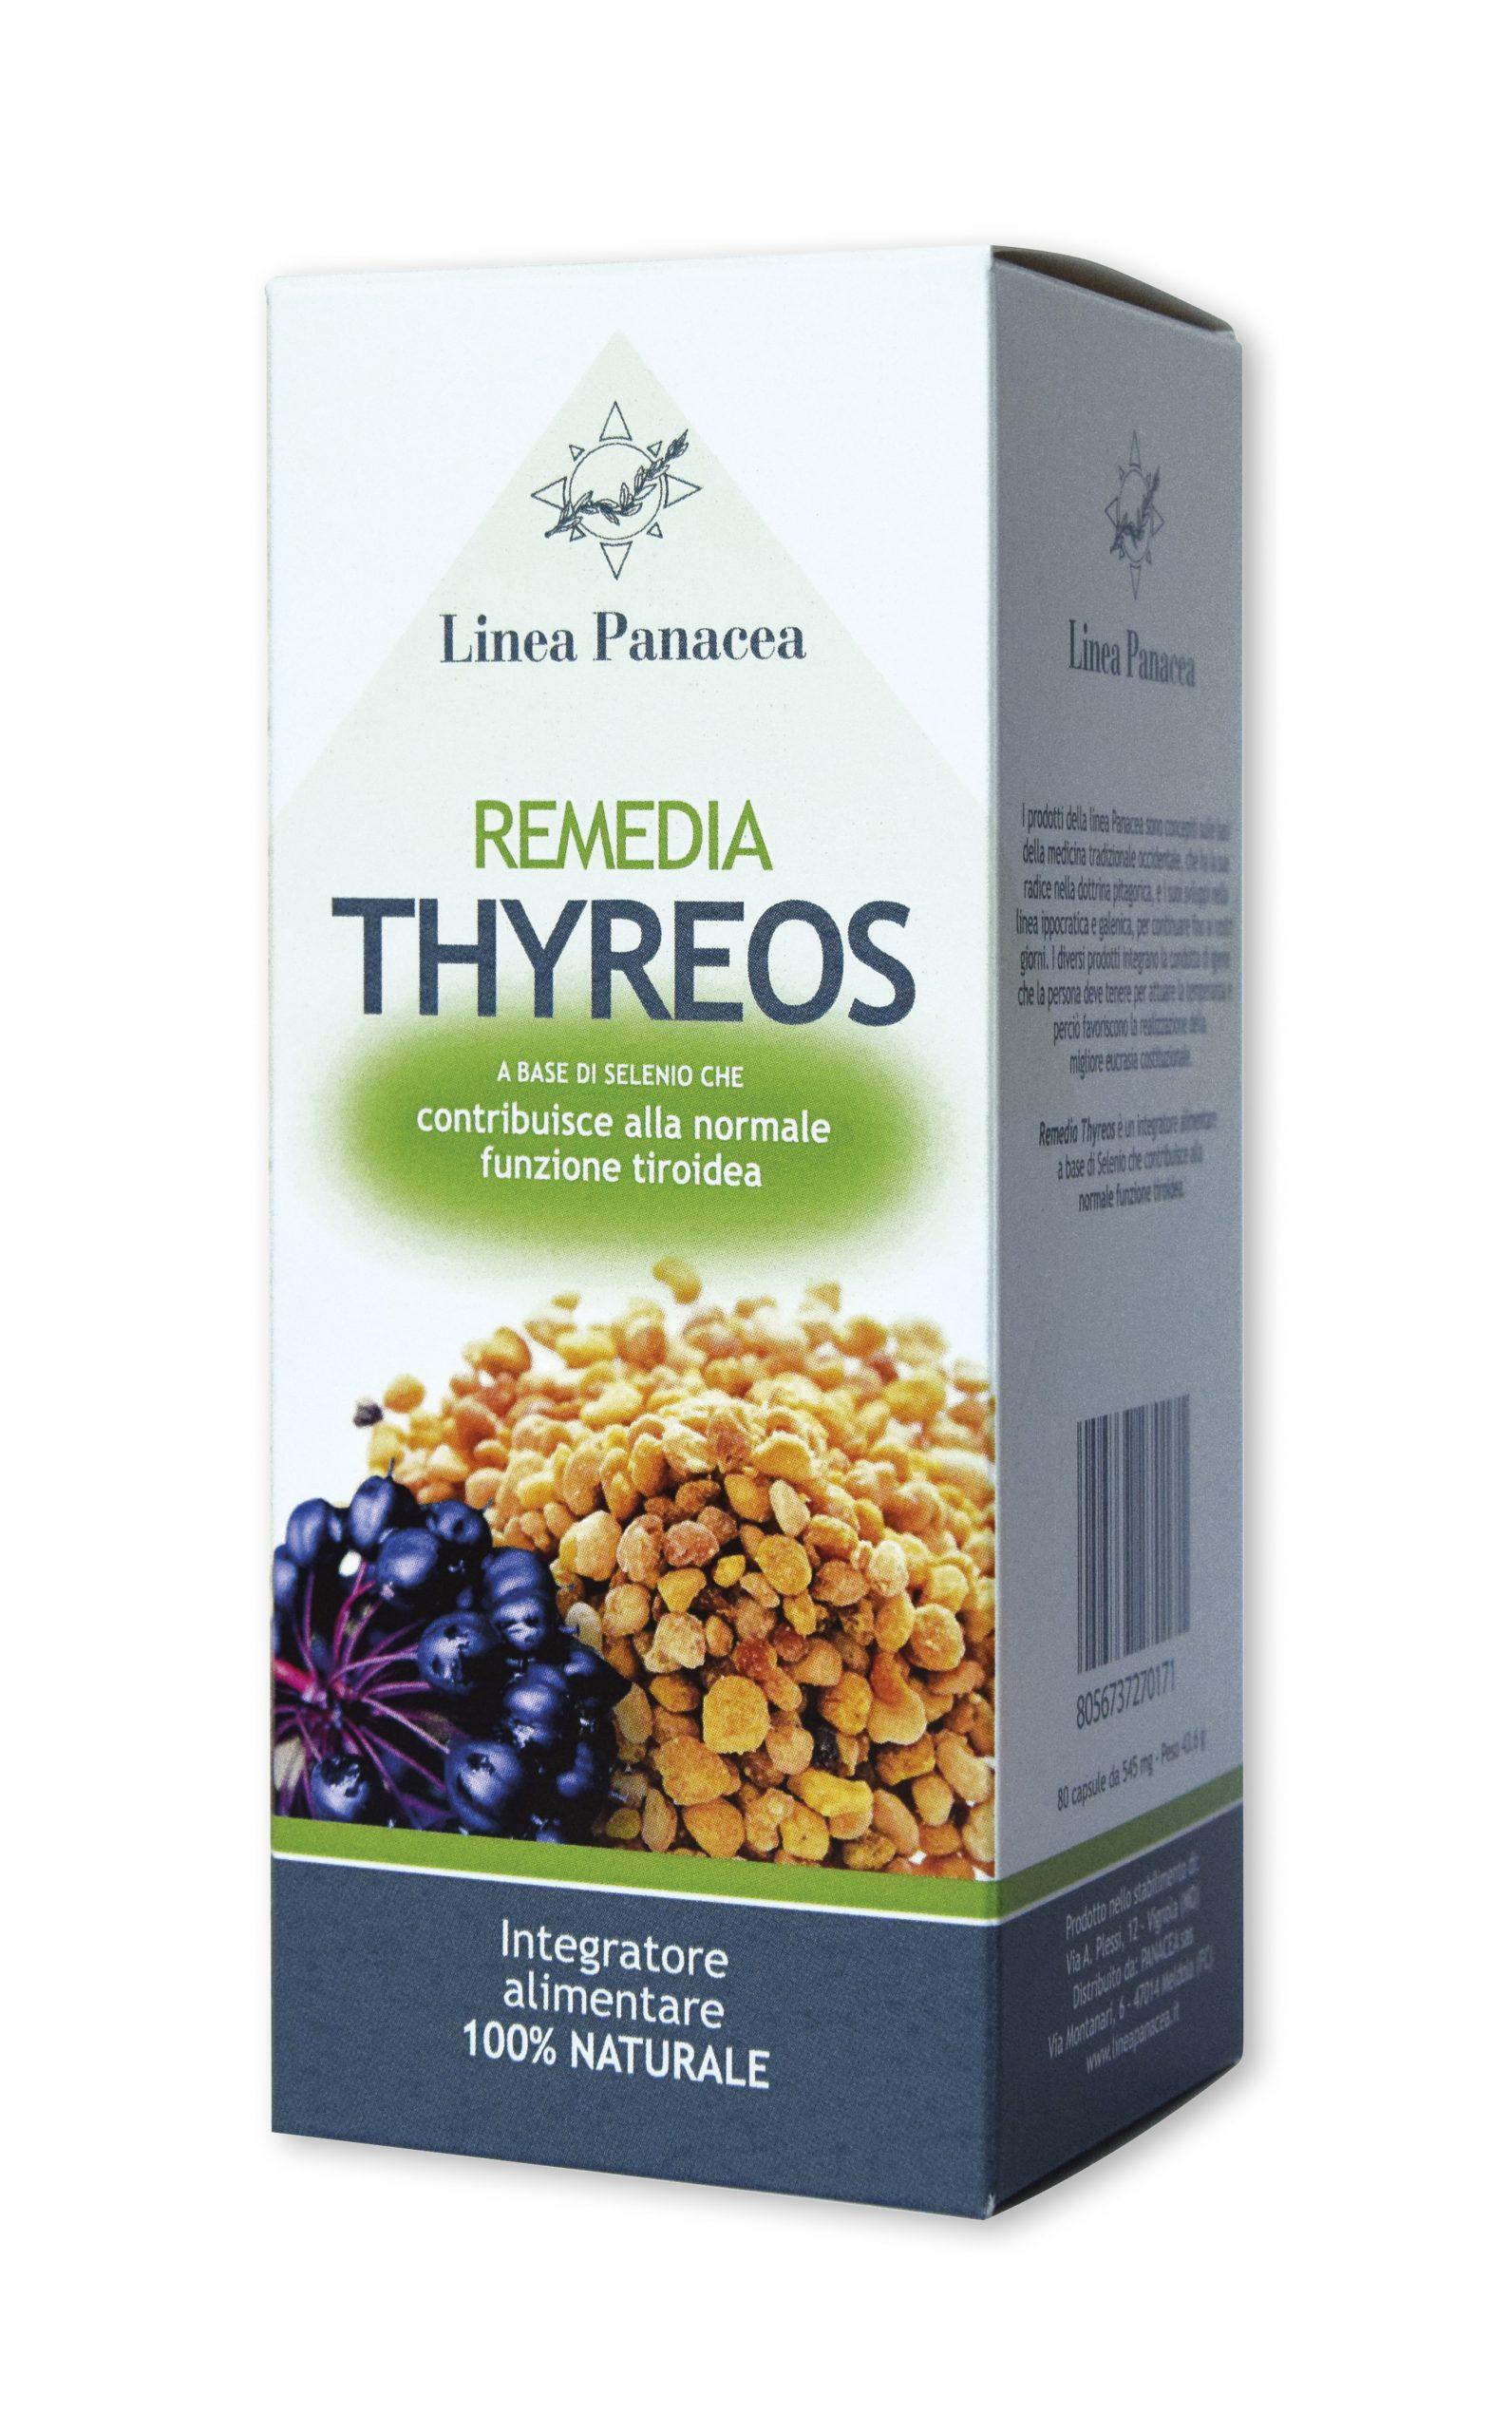 REMEDIA Thyreos